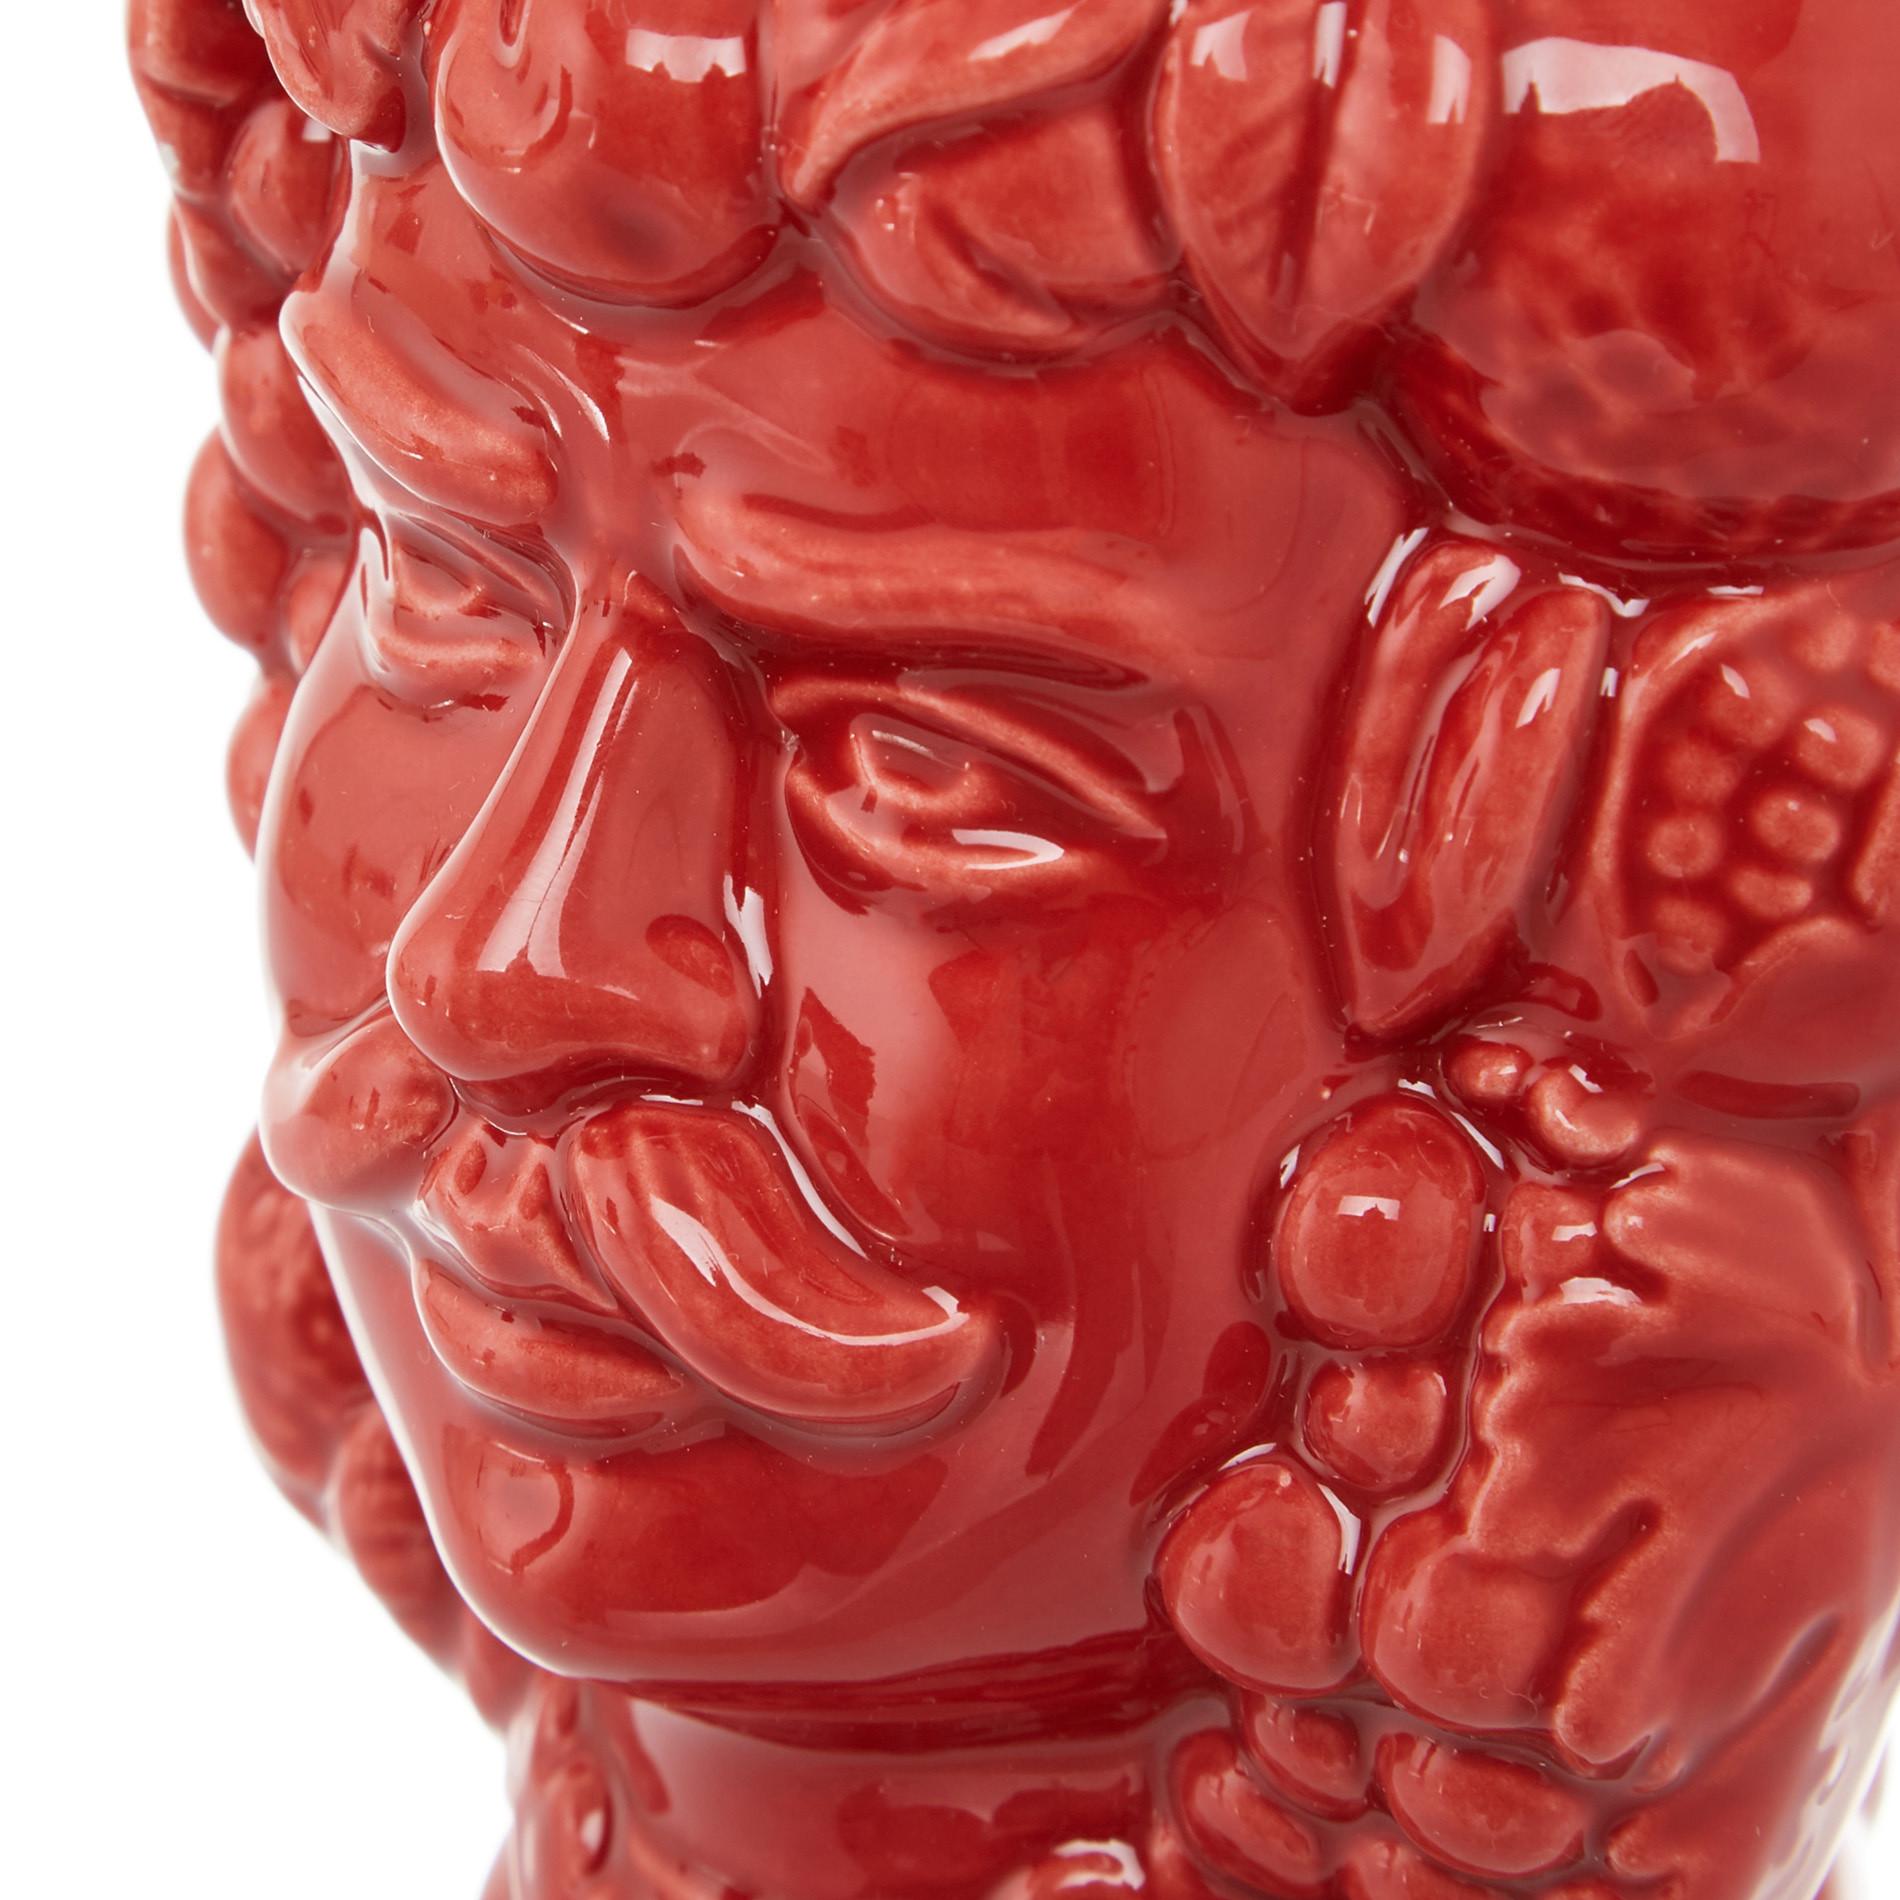 Testa di moro by Ceramiche Siciliane Ruggeri, Rosso, large image number 3